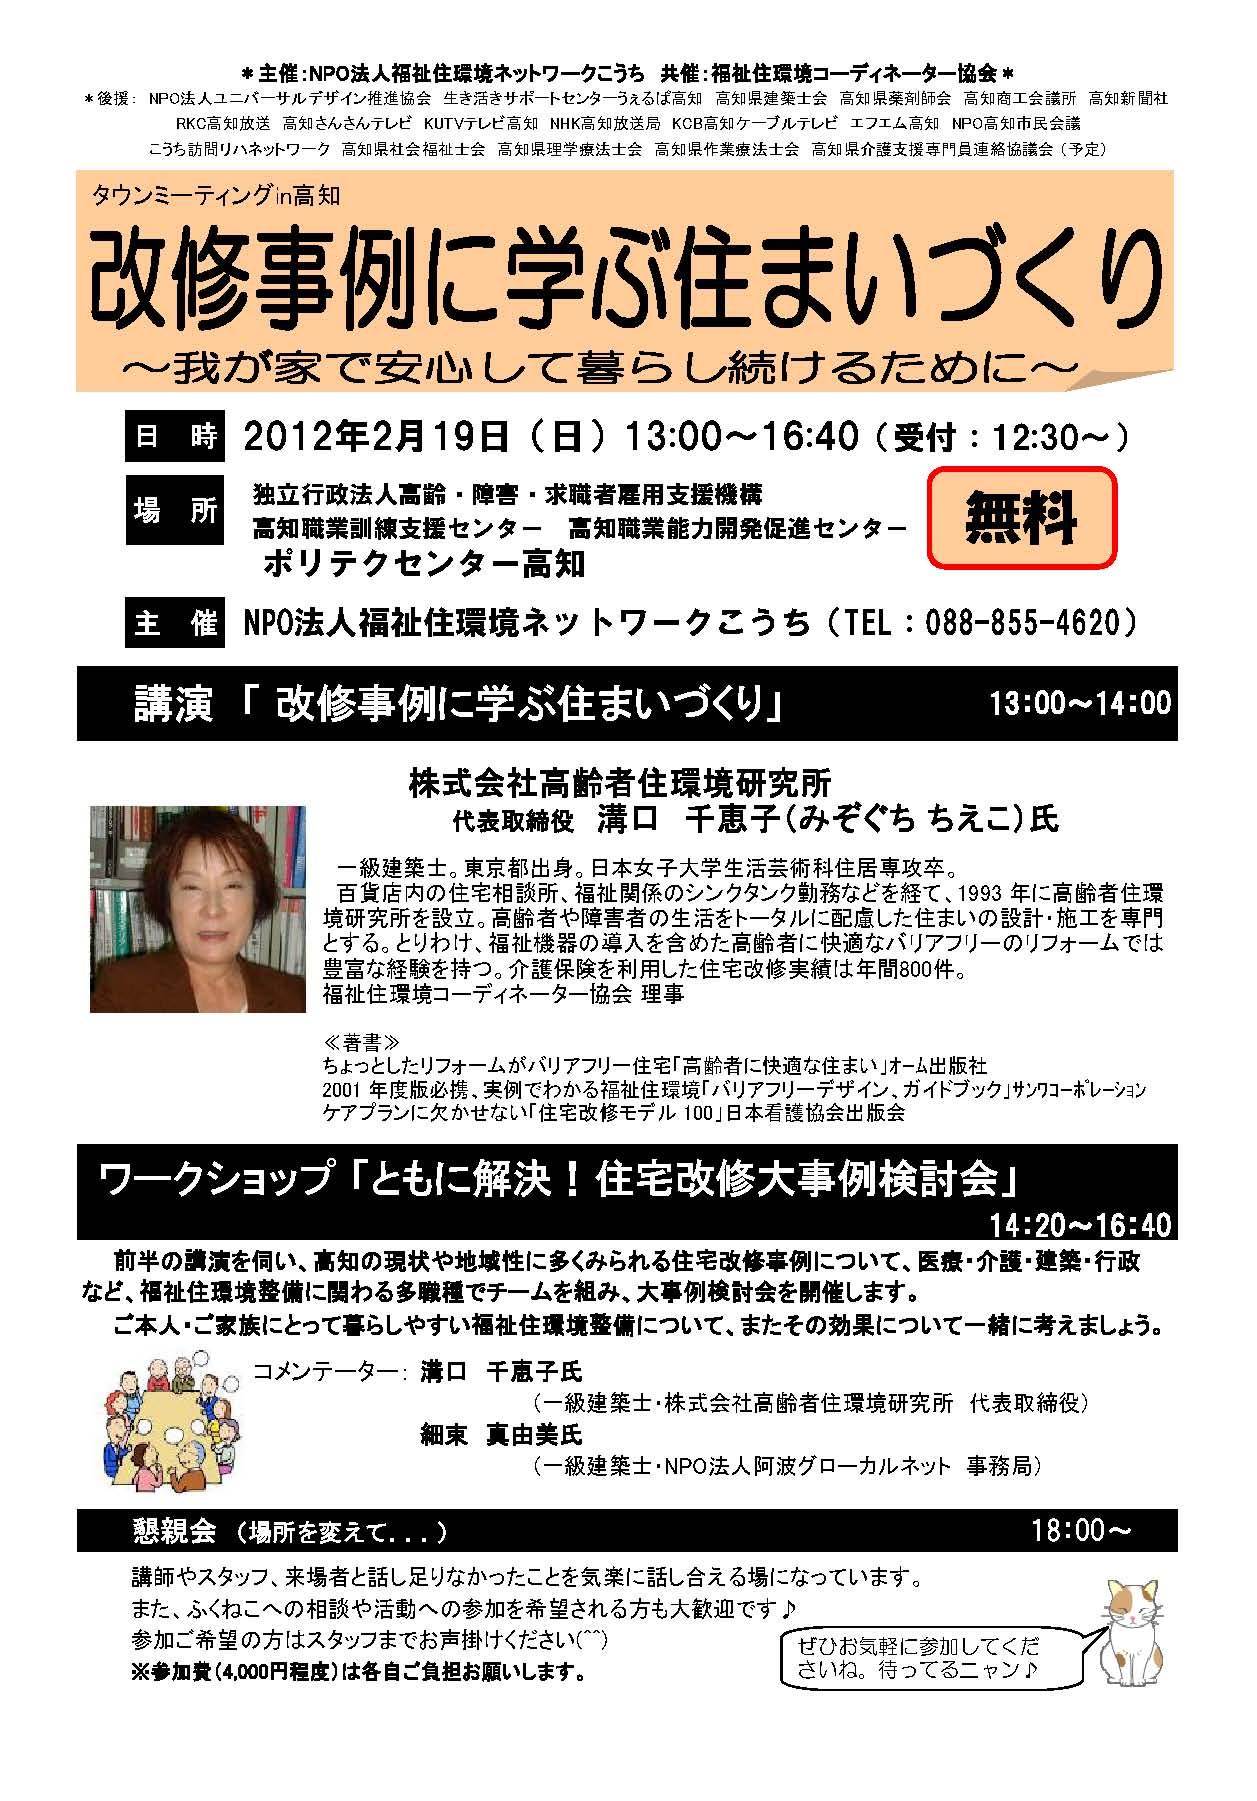 2012TM ちらしページ_1